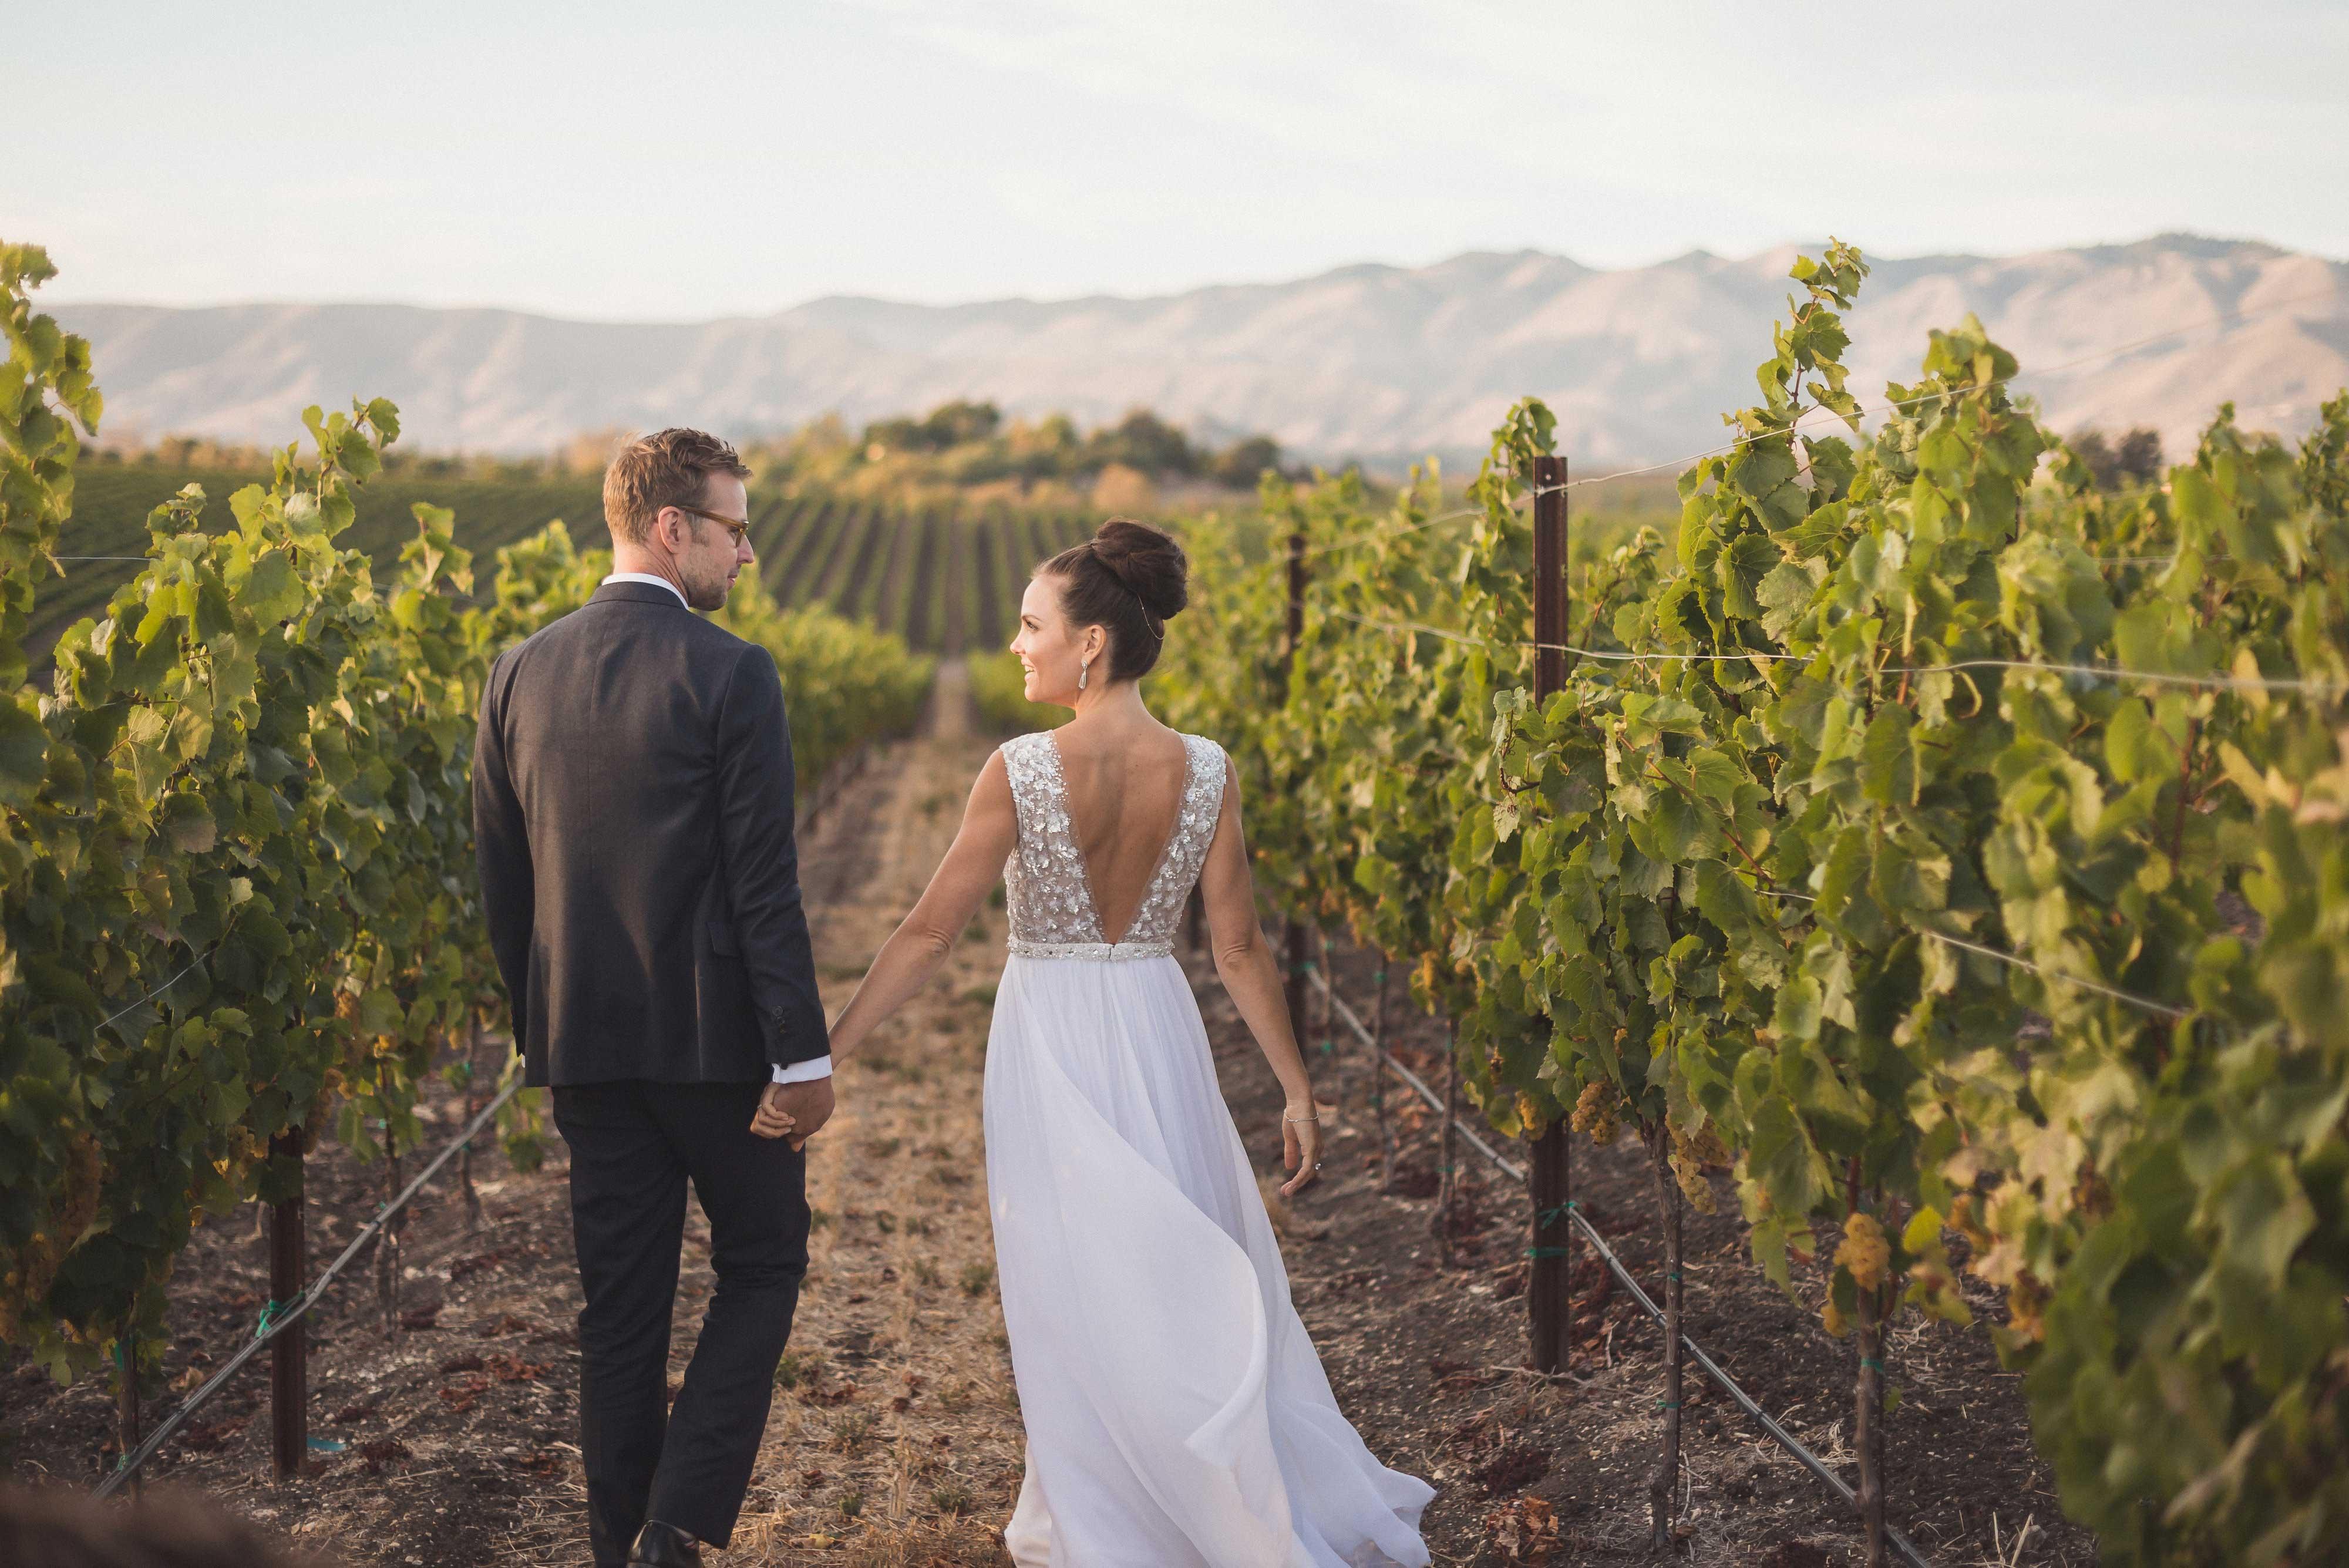 wedding venue ideas vineyard and winery wedding venue example